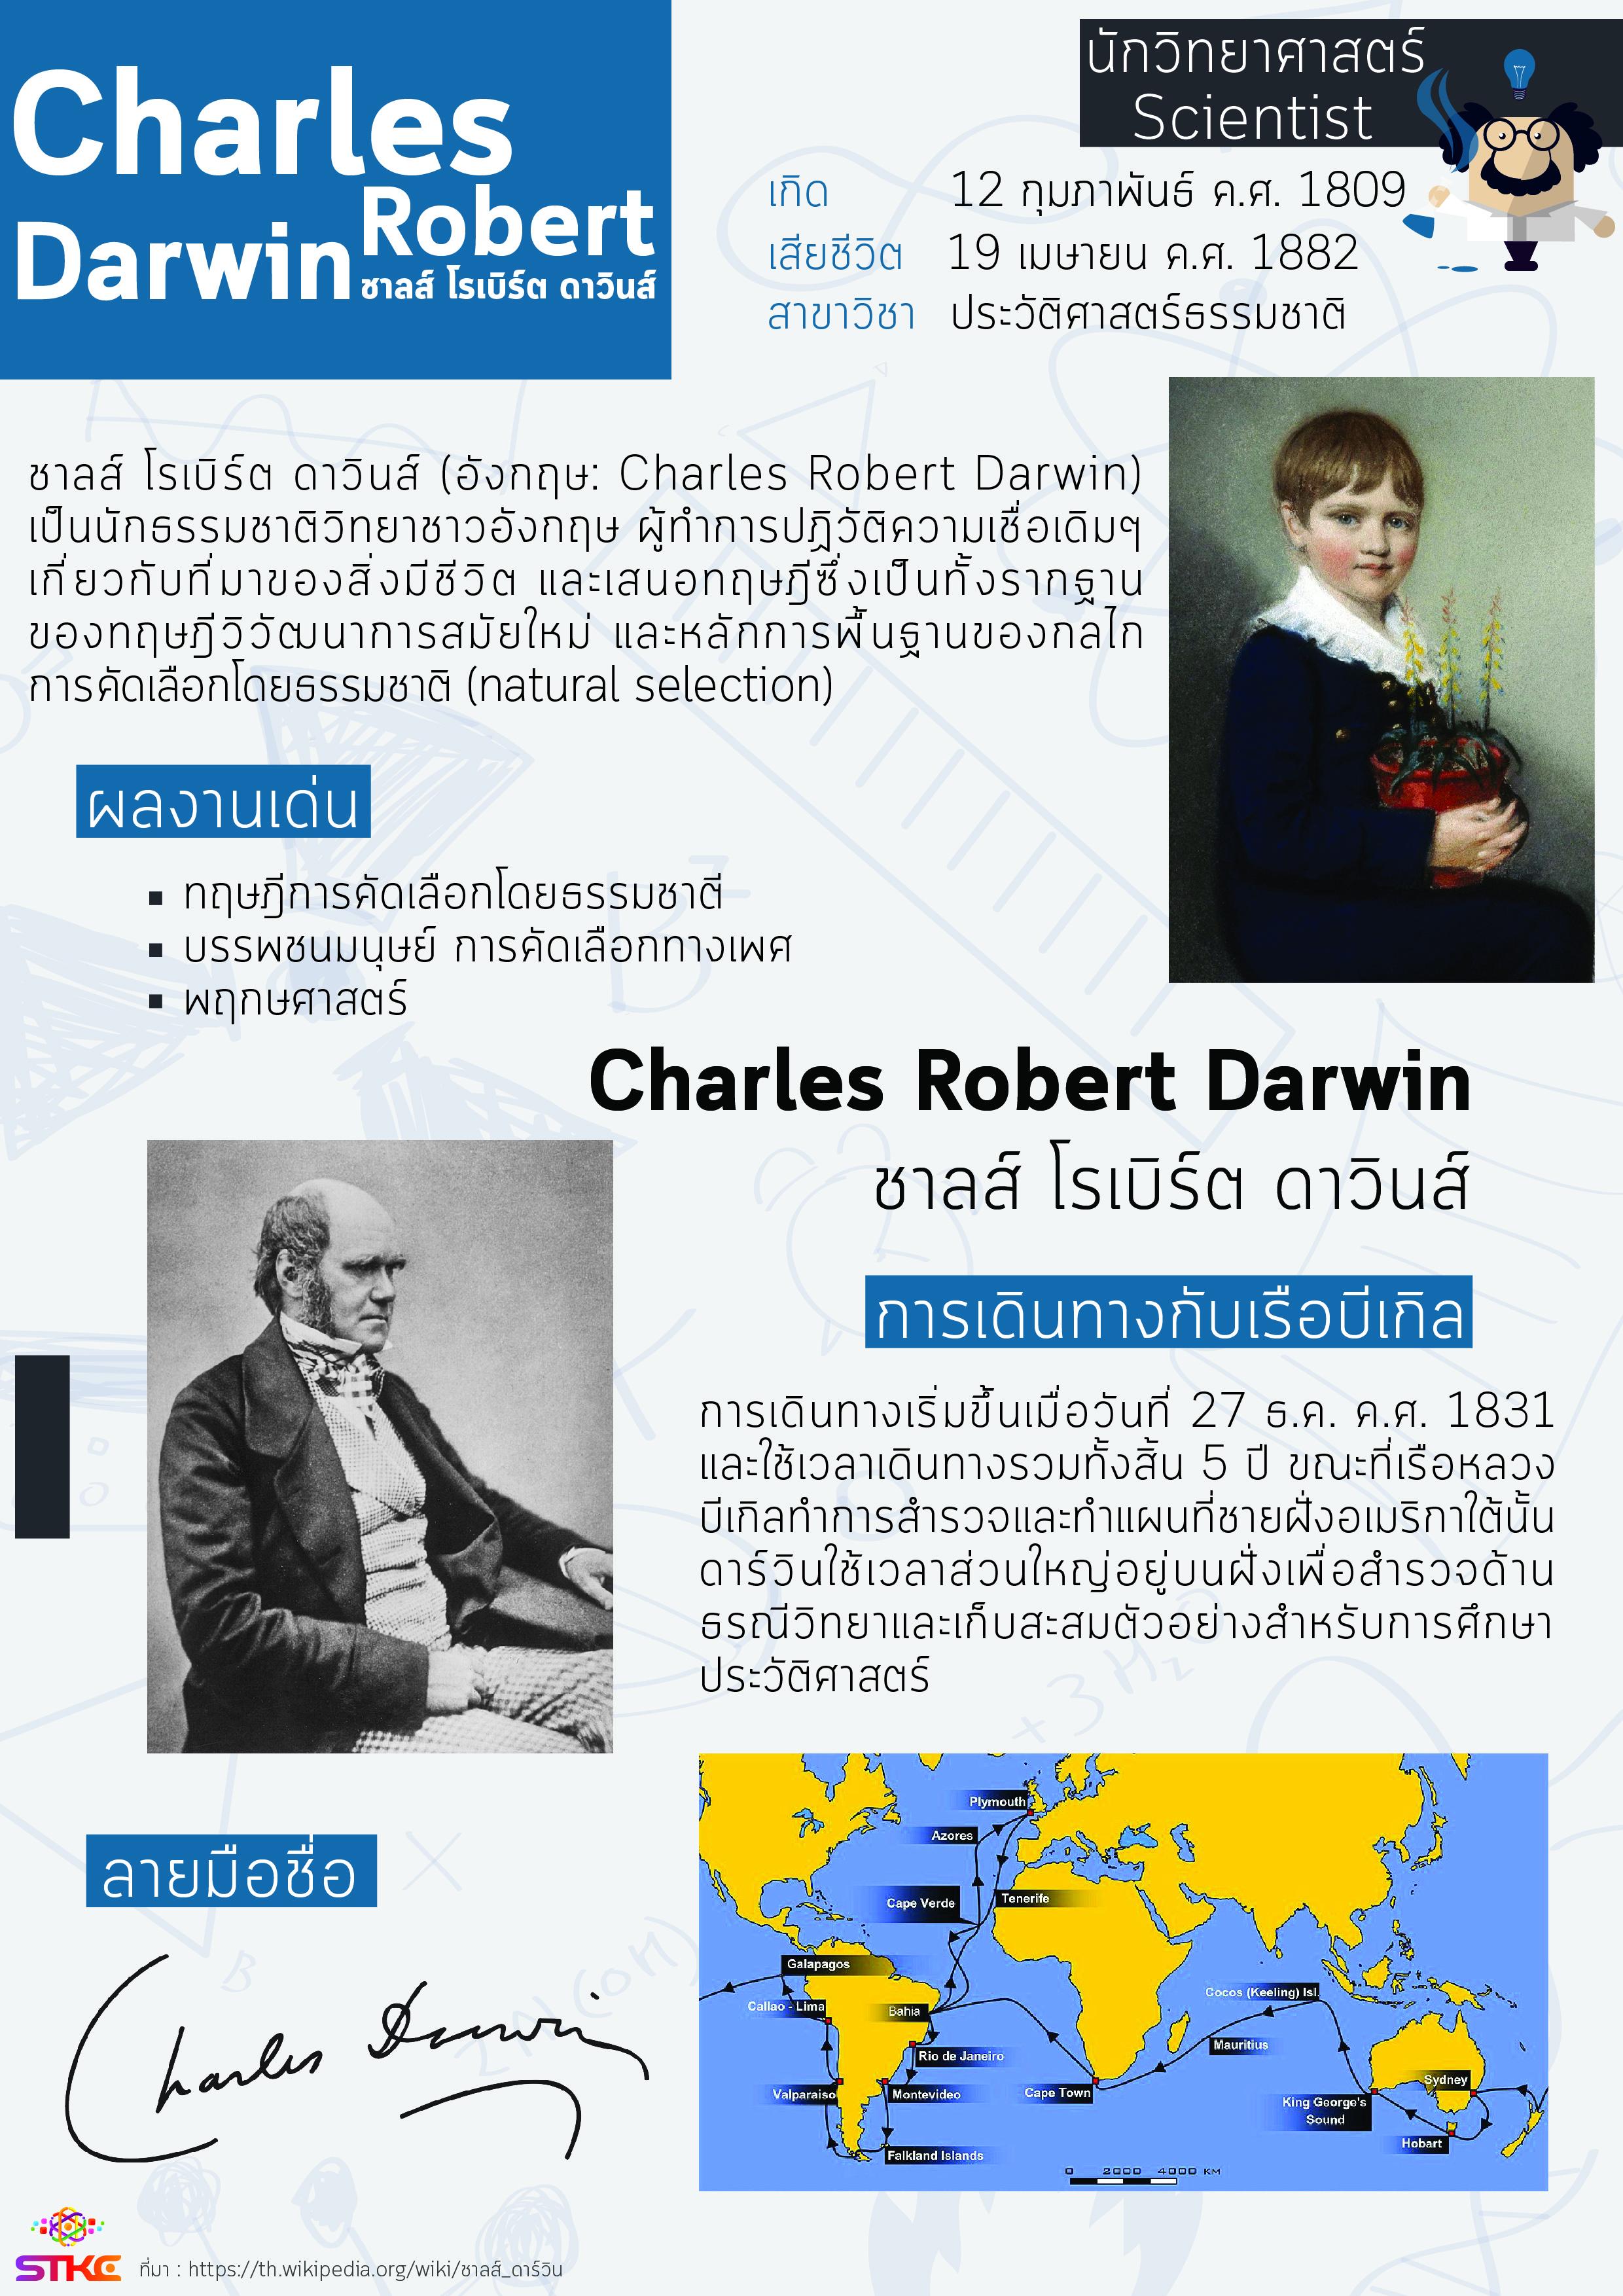 นักวิทยาศาสตร์ ชาลส์ ดาร์วิน (Charles Robert Darwin)